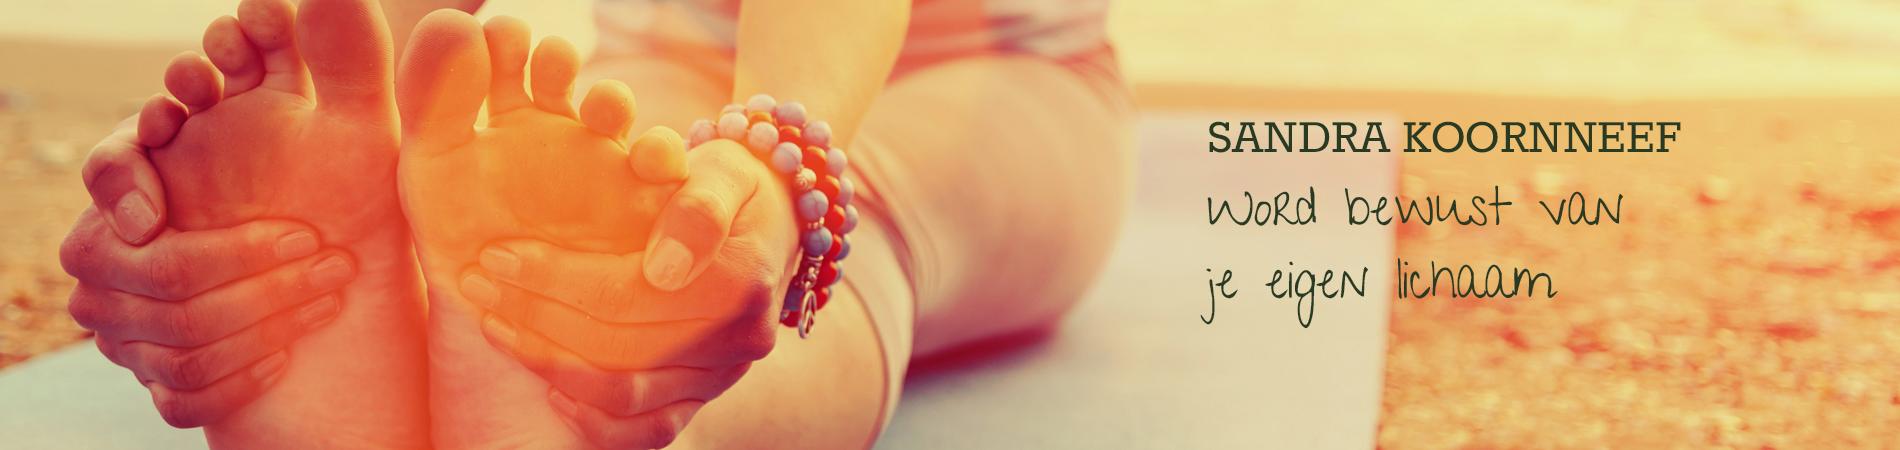 bewust van je eigen lichaam Sandra Koornneef yogaschool zensa yoga